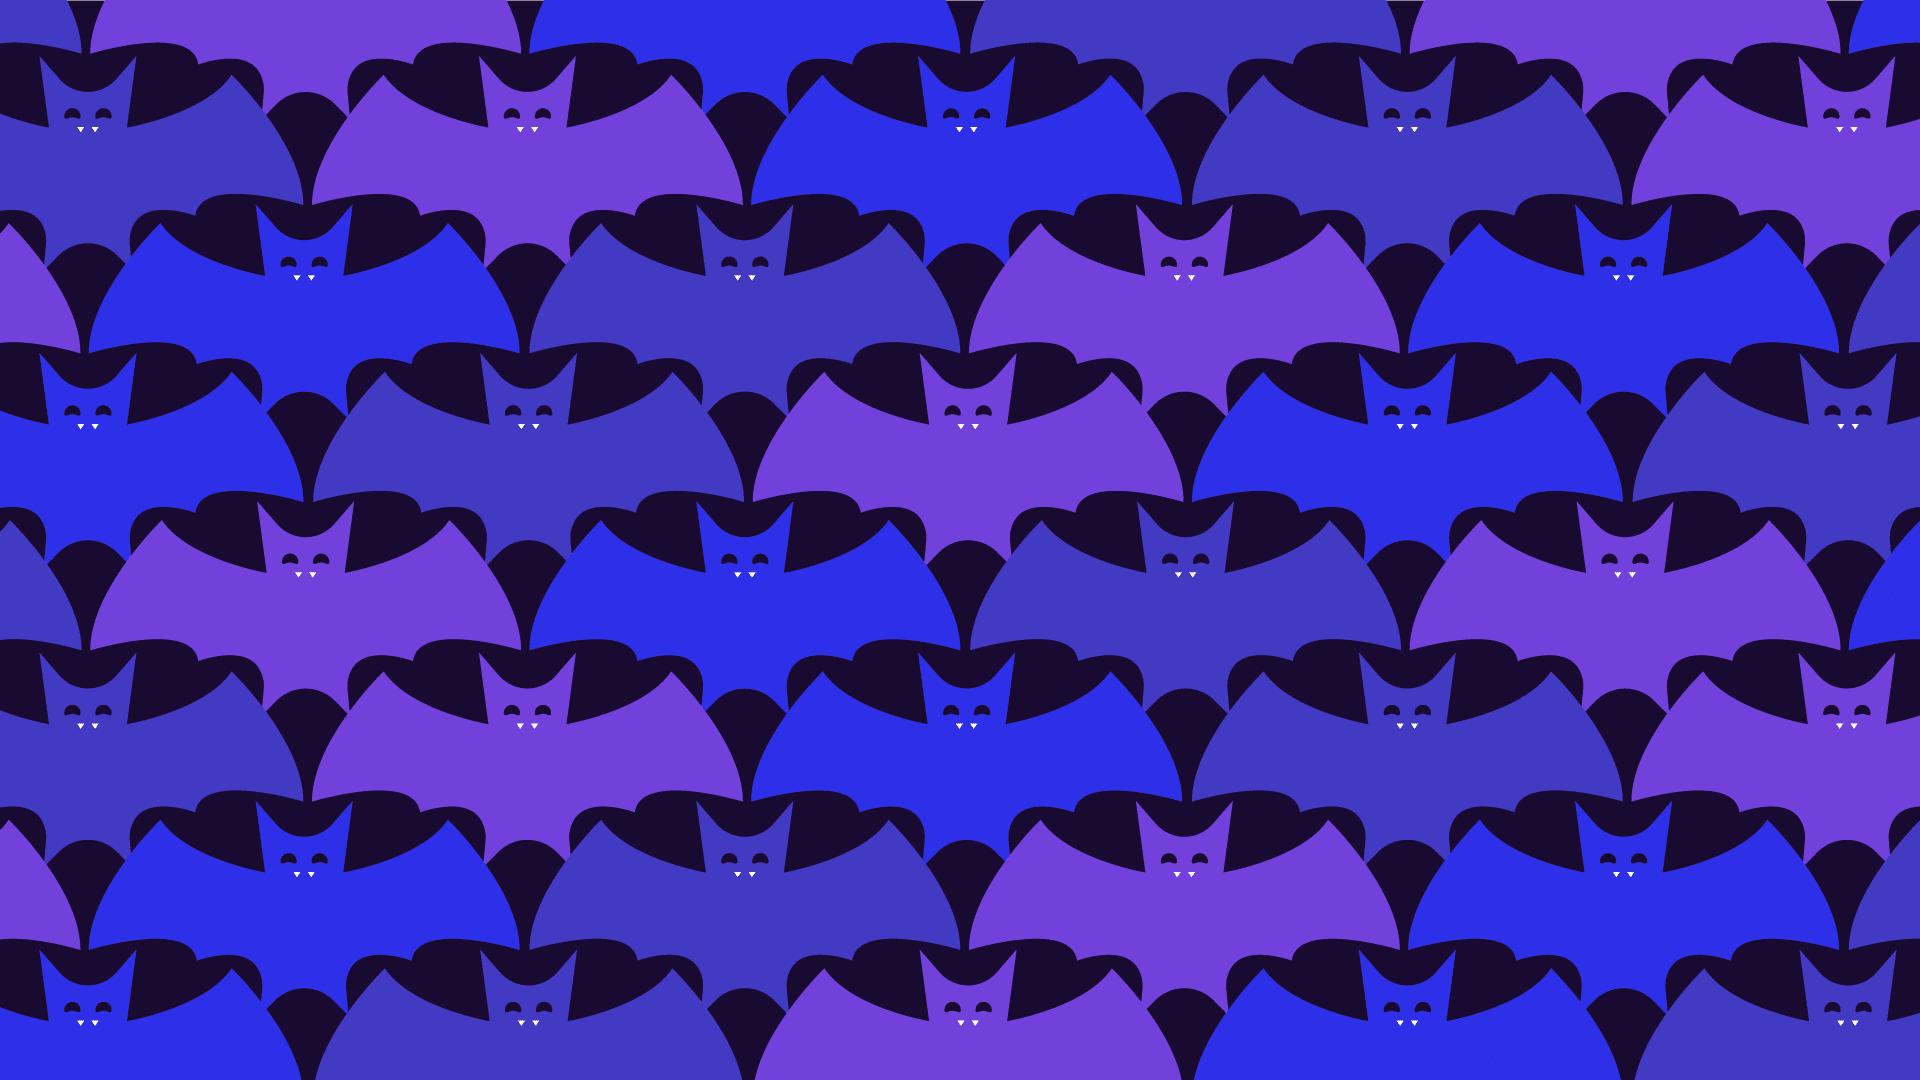 Reto viral visual: encuentra los murciélagos de cabeza